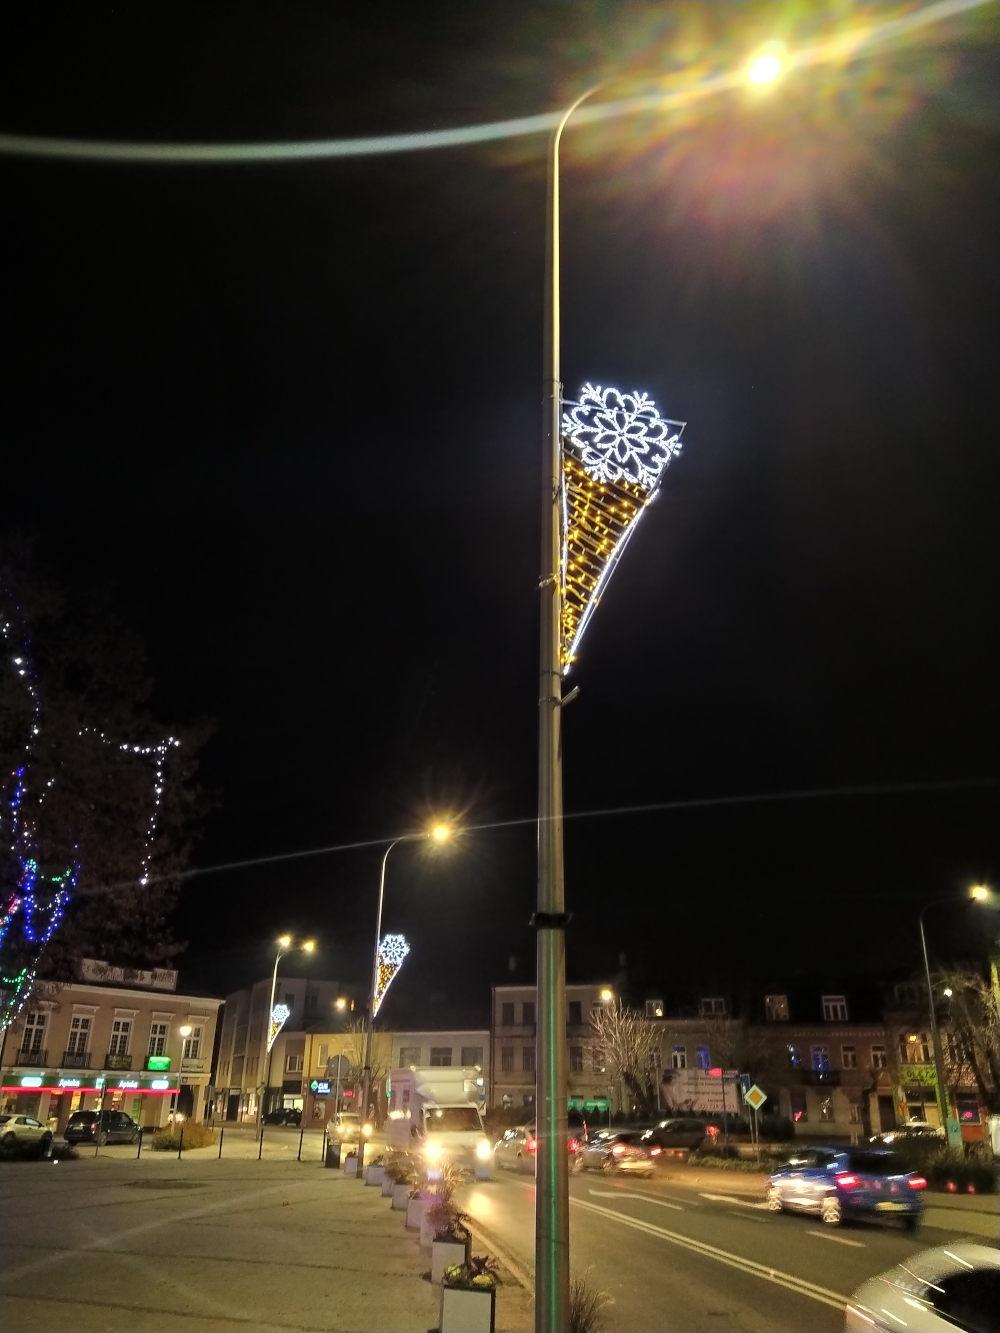 Świąteczne iluminacje znów zdobią miasto - foto: GrodziskNews